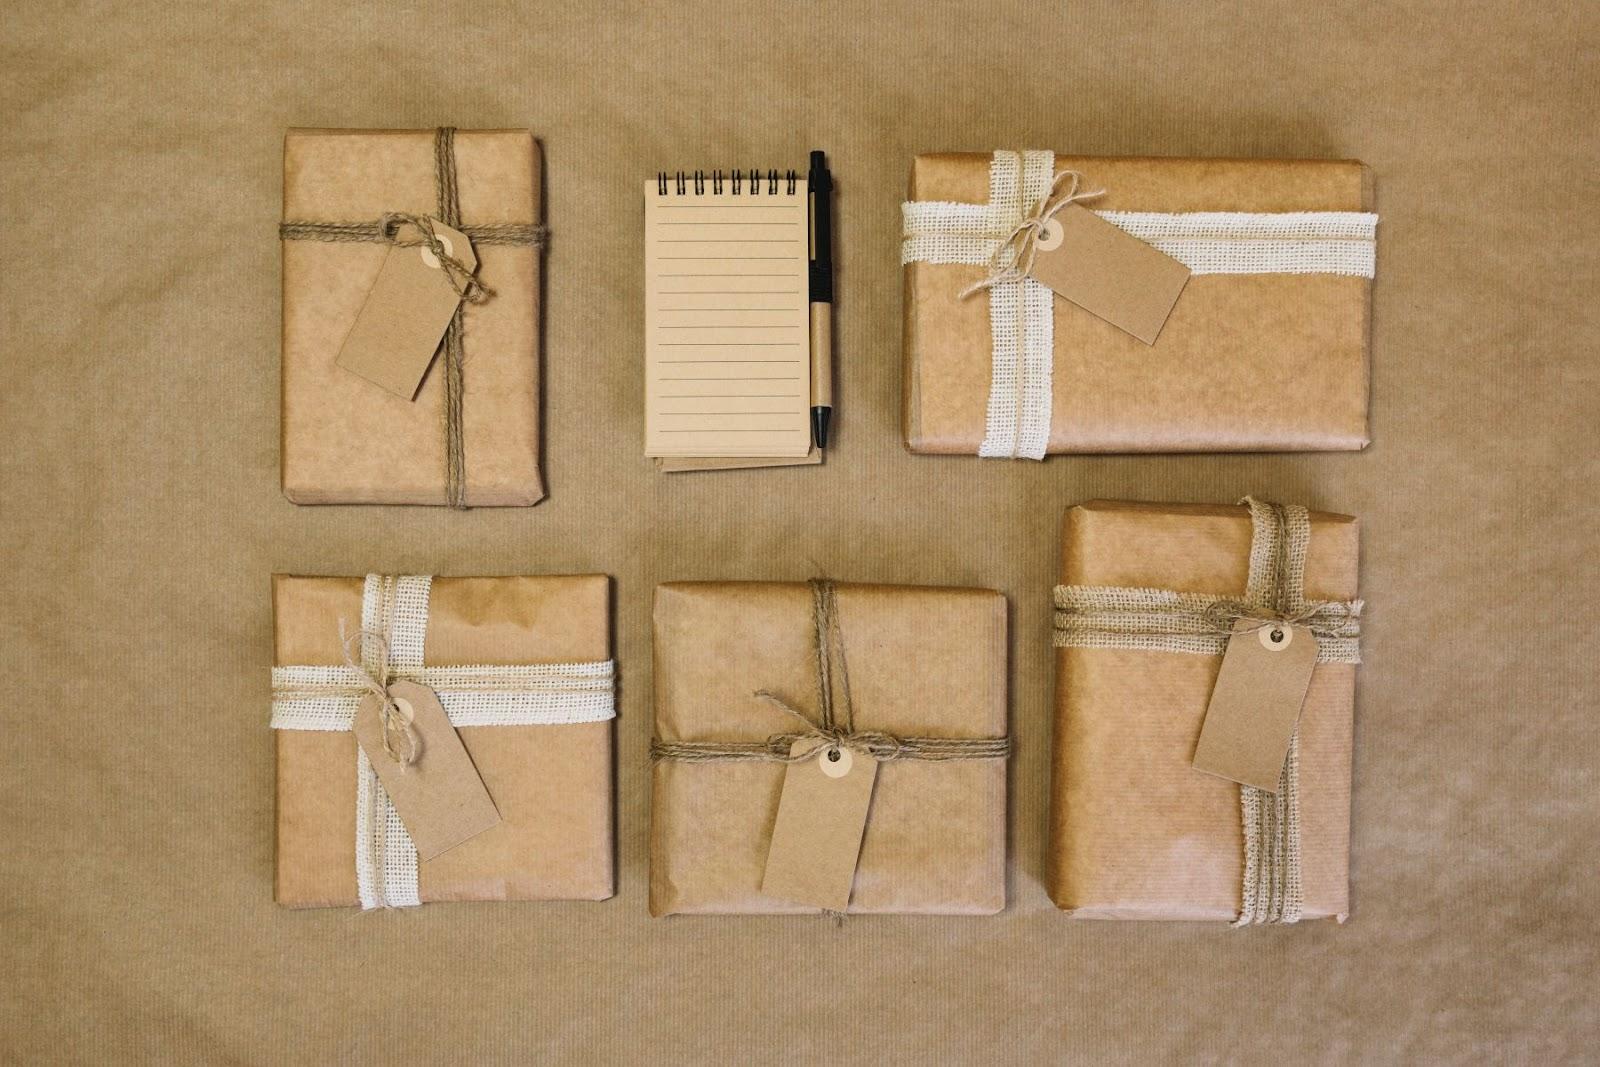 O papel Kraft é considerado como uma boa opção de embalagem sustentável pois é feito de material reciclado, é reciclável e provém de matéria-prima renovável (Foto: FreePik)